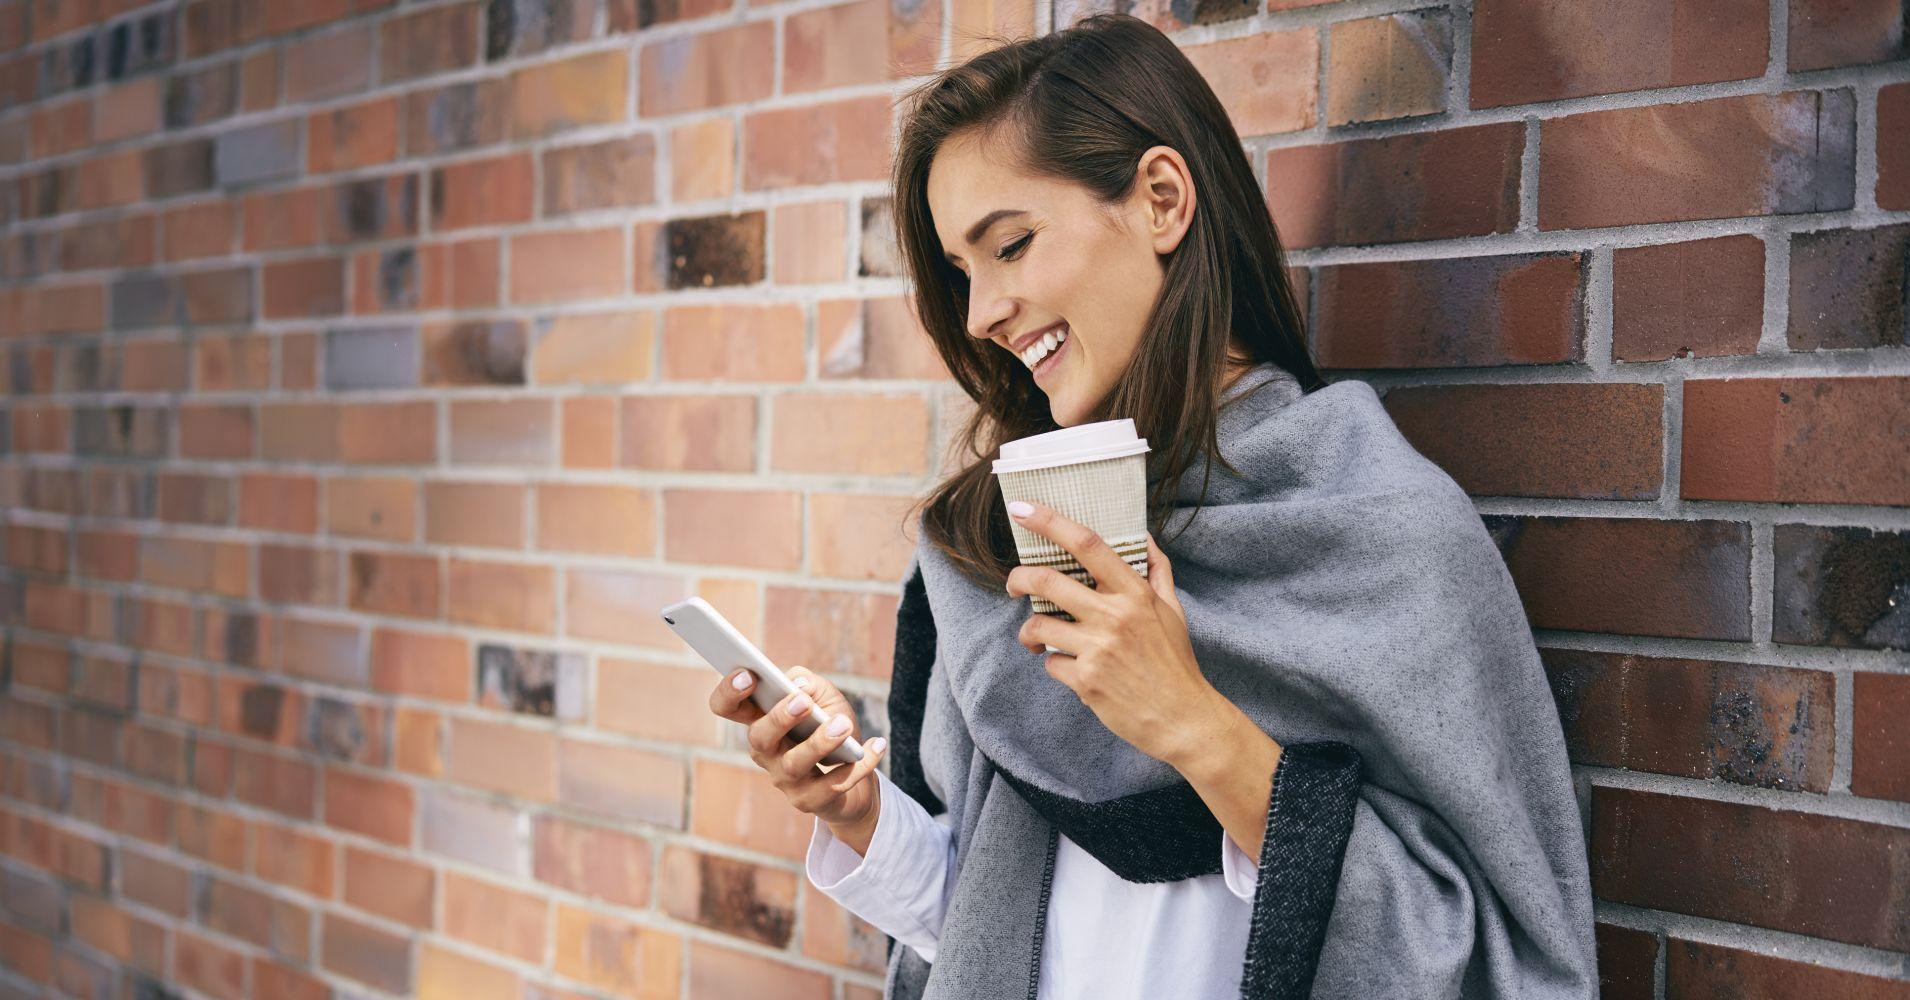 Top 10 Best Smartphones To Buy Under 70000